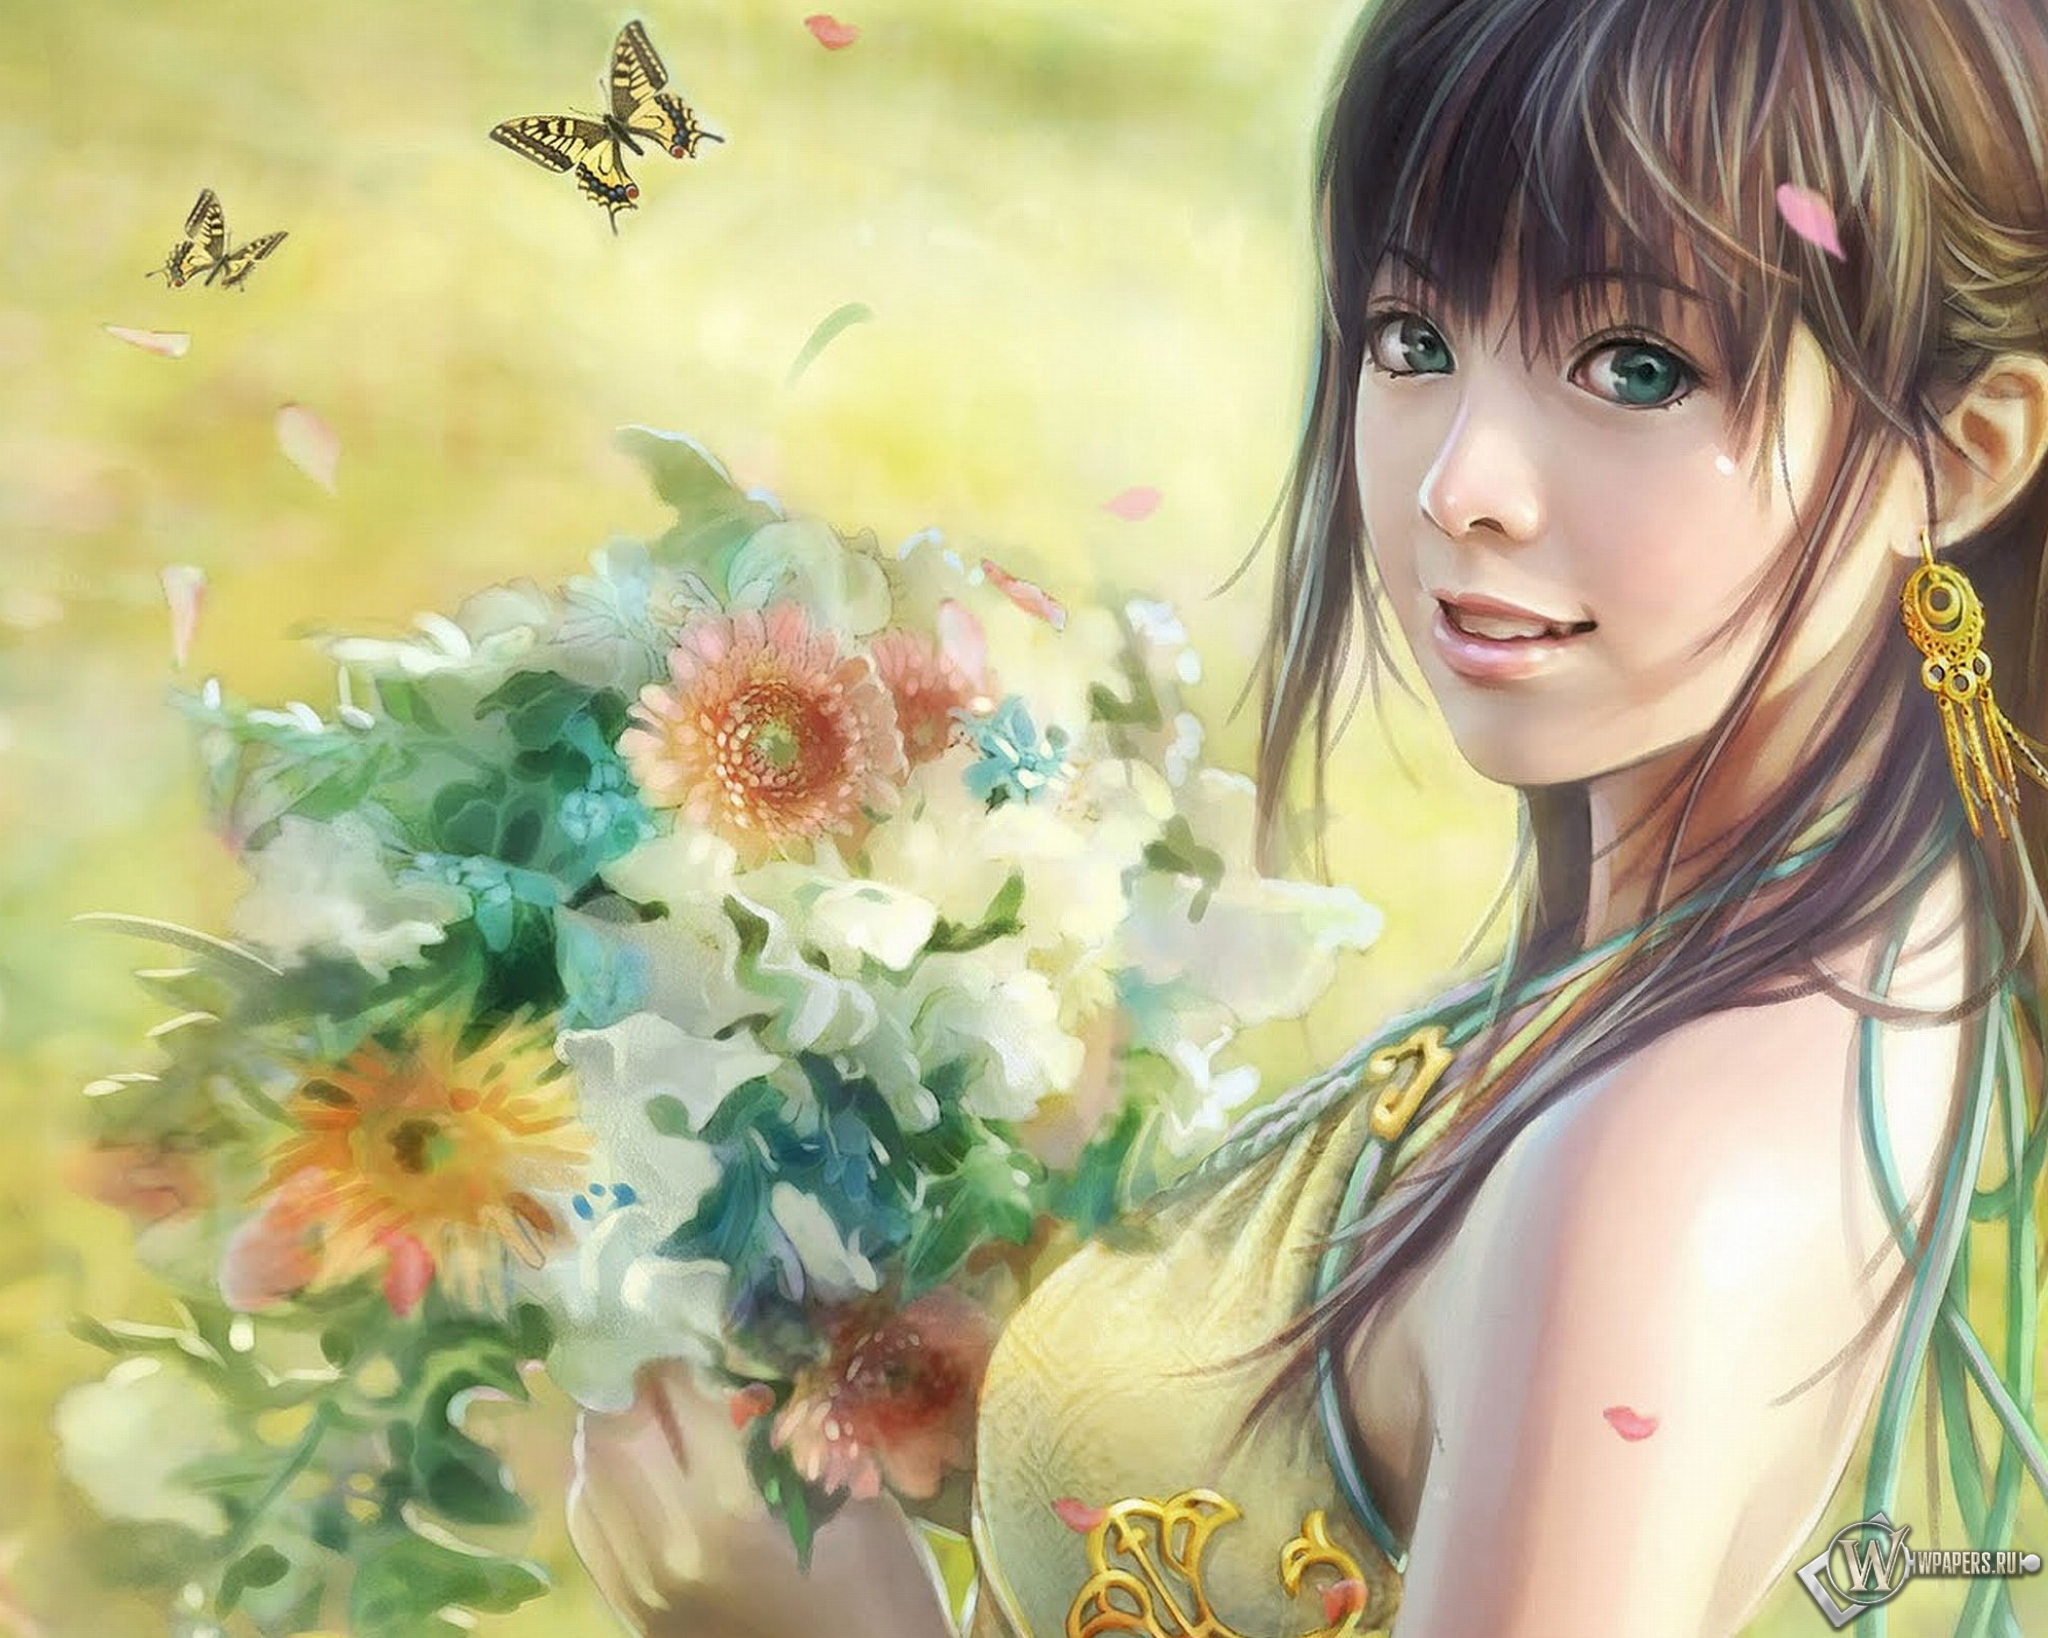 фото девушки с цветами: